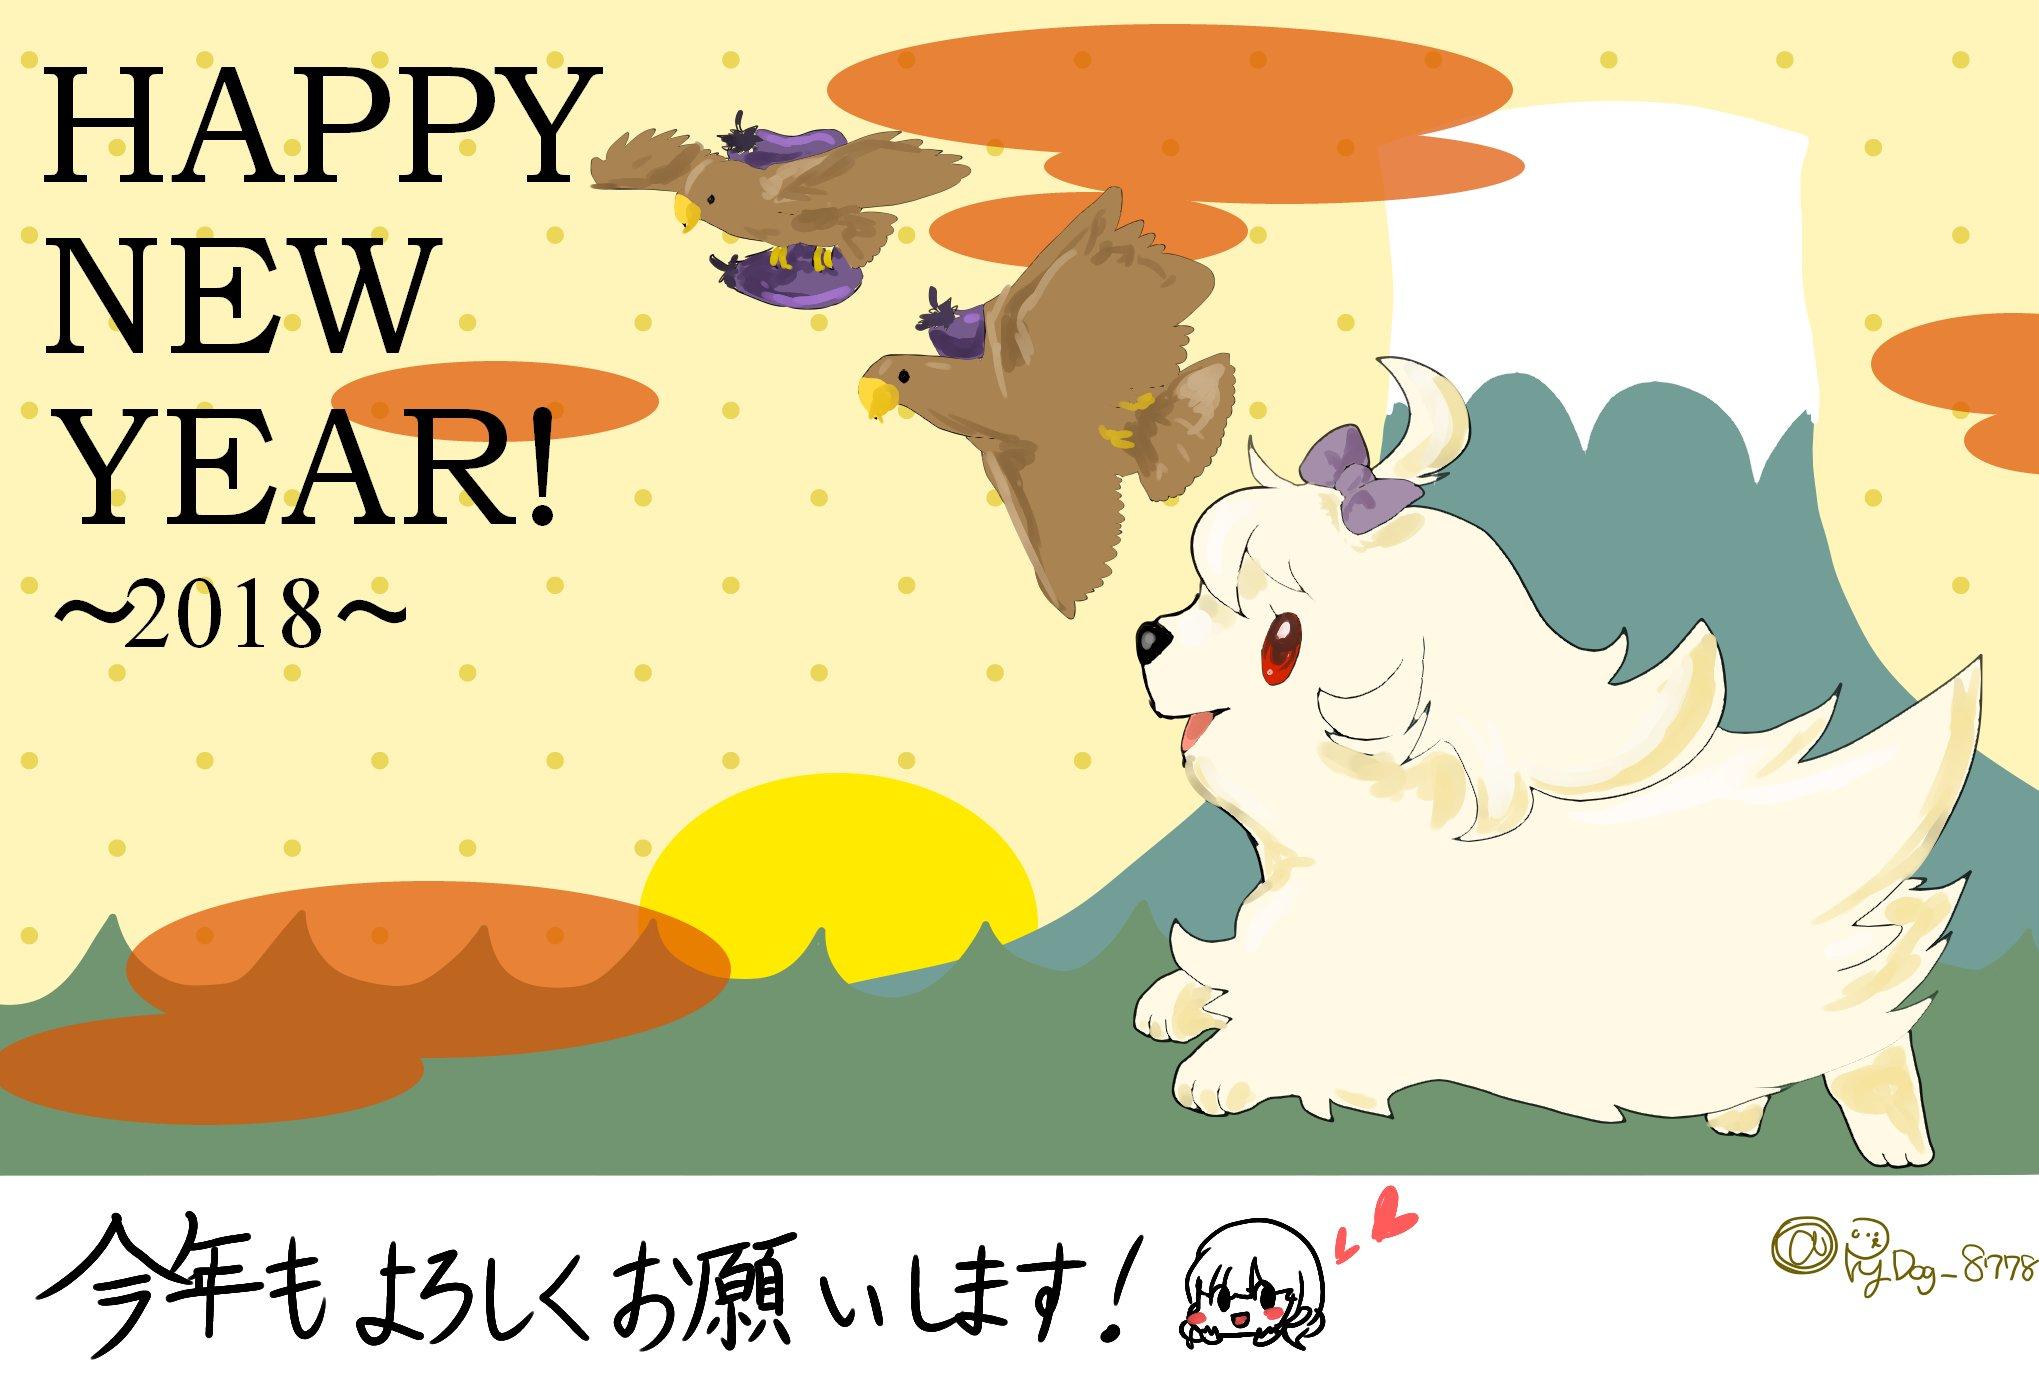 2018年お正月感謝ピィ犬さん